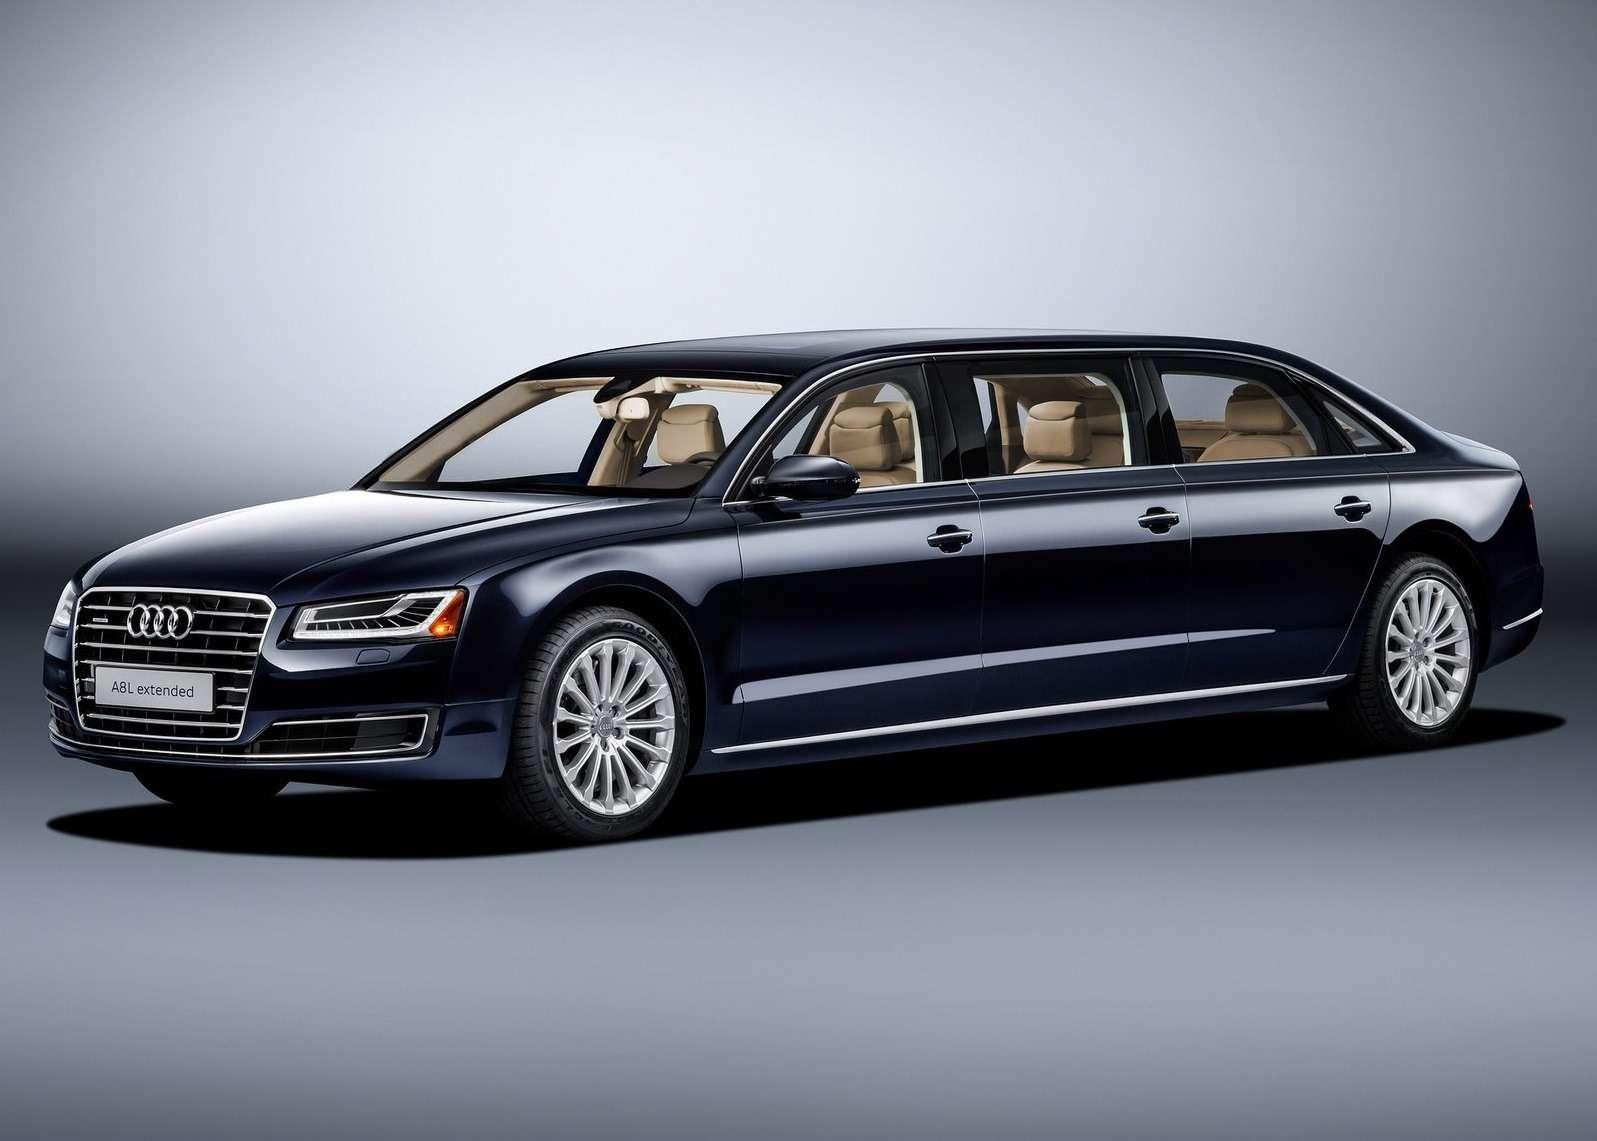 «Автобус» класса люкс: Audi A8 растянулся в угоду королевским запросам - фото 574390